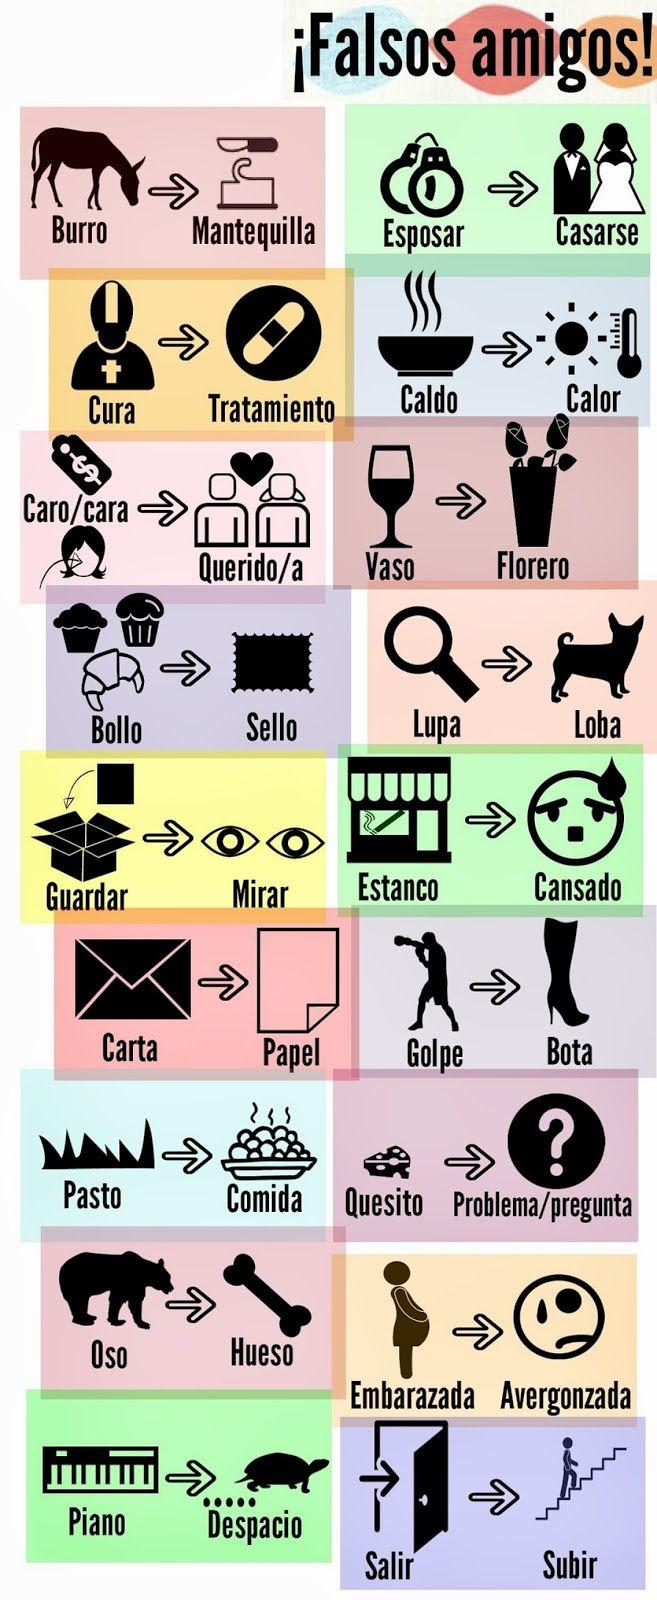 ITALIANO / ESPAÑOL. A la izquierda,  el falso amigo con un dibujo que representa el significado de esa palabra en español. A la derecha, la palabra que equivale a la palabra italiana.